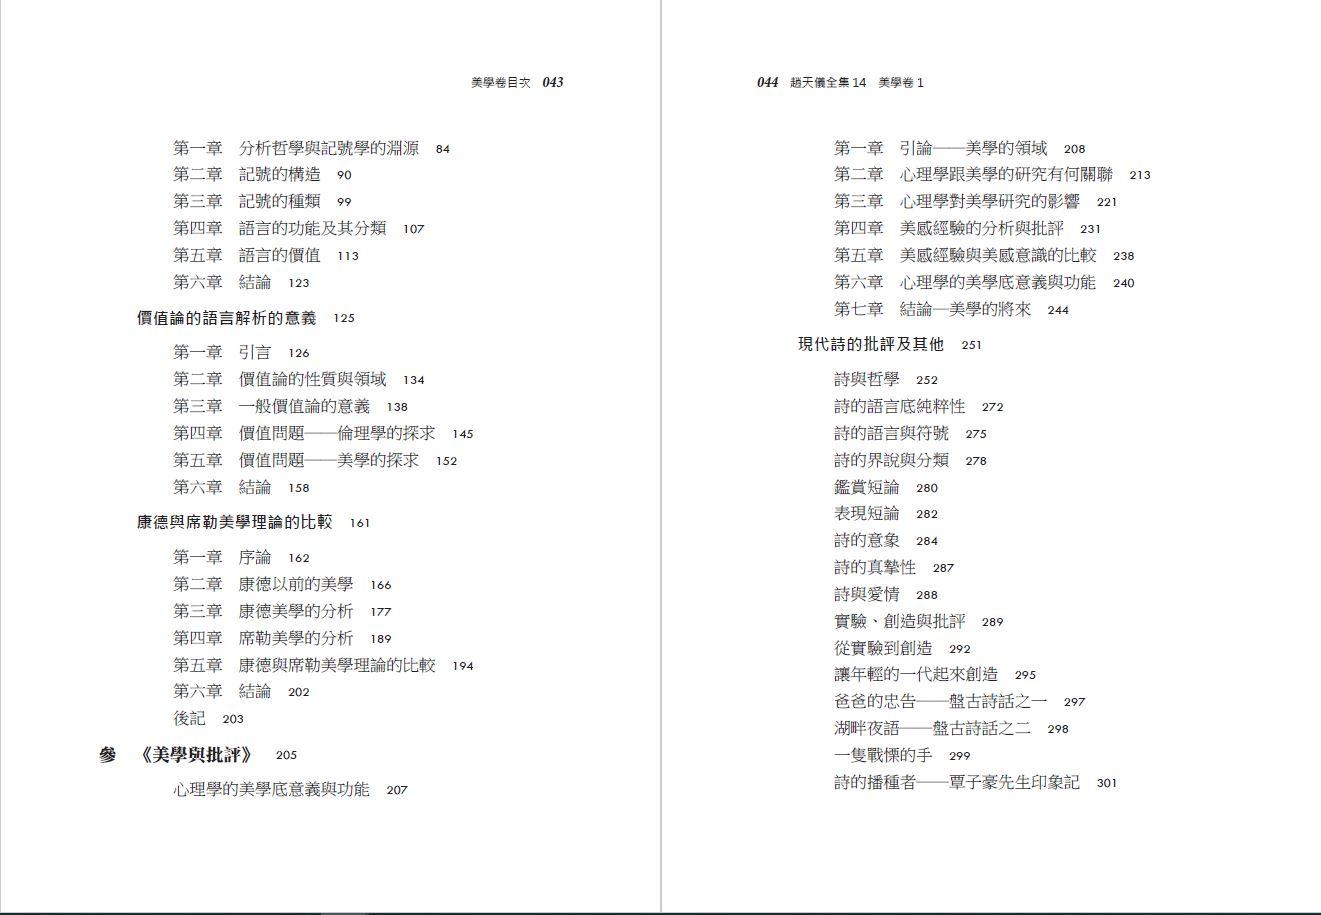 趙天儀全集-美學卷-目錄2.JPG